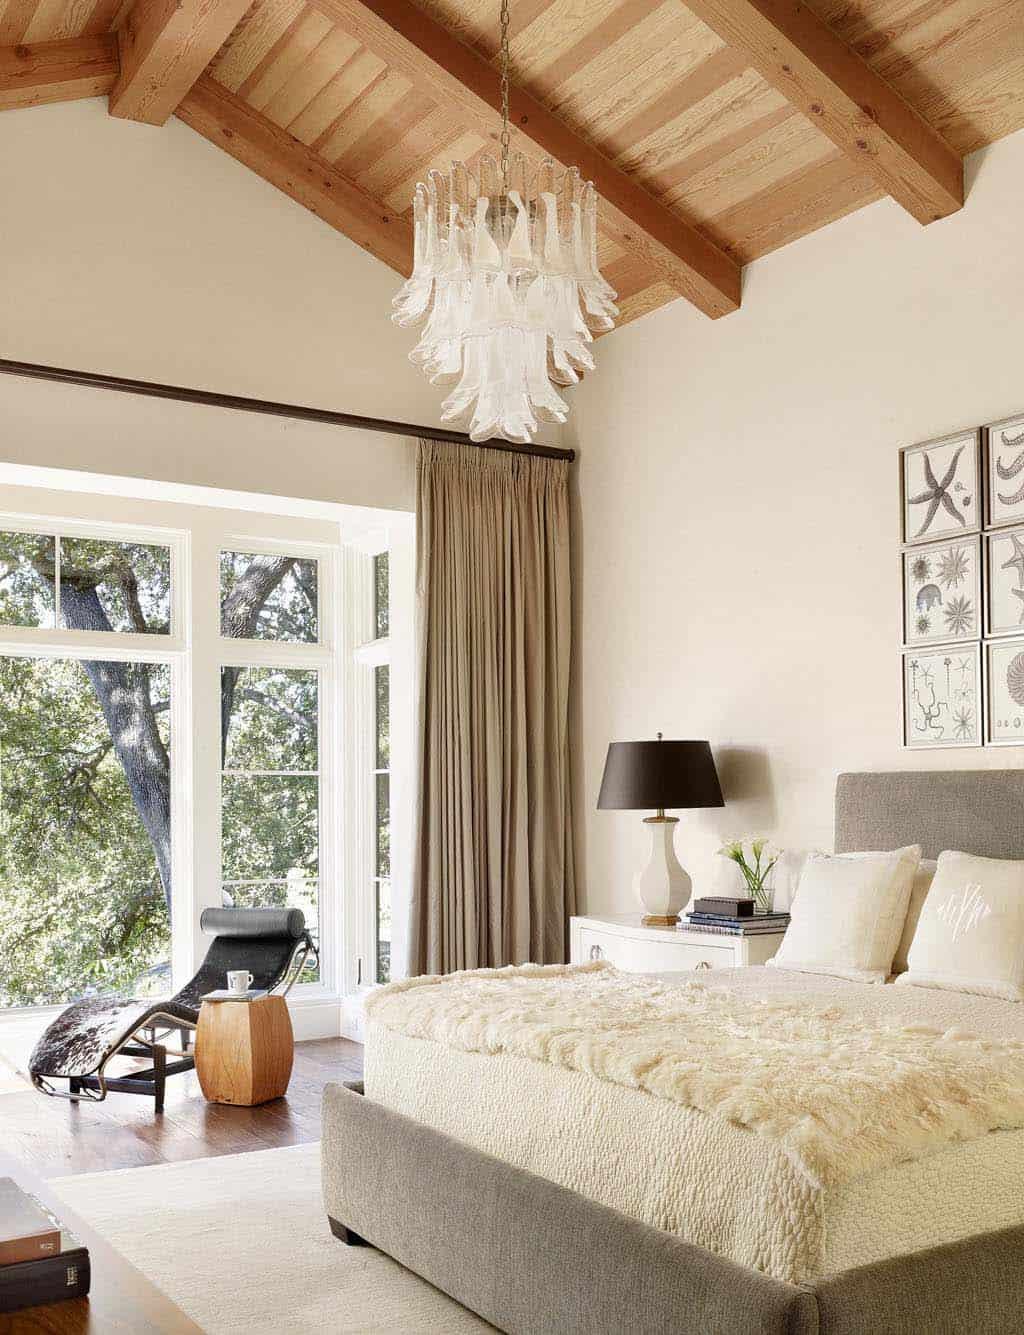 Rustic Modern Home-Mark Ashby Design-10-1 Kindesign